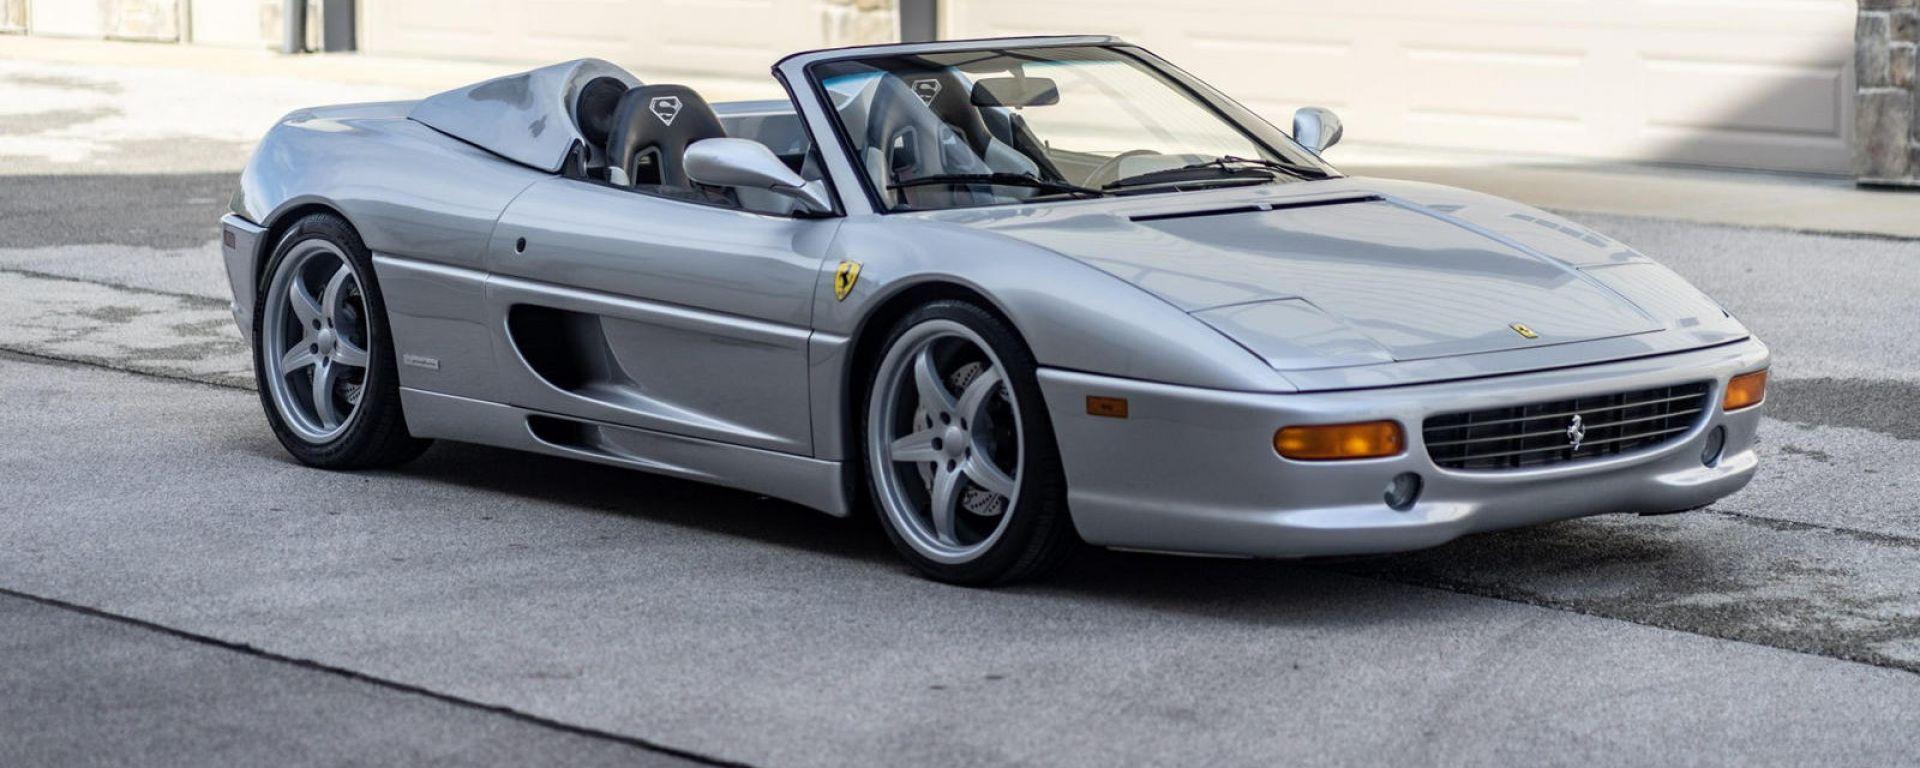 La Ferrari F355 Spider di Shaquille O'Neal all'asta